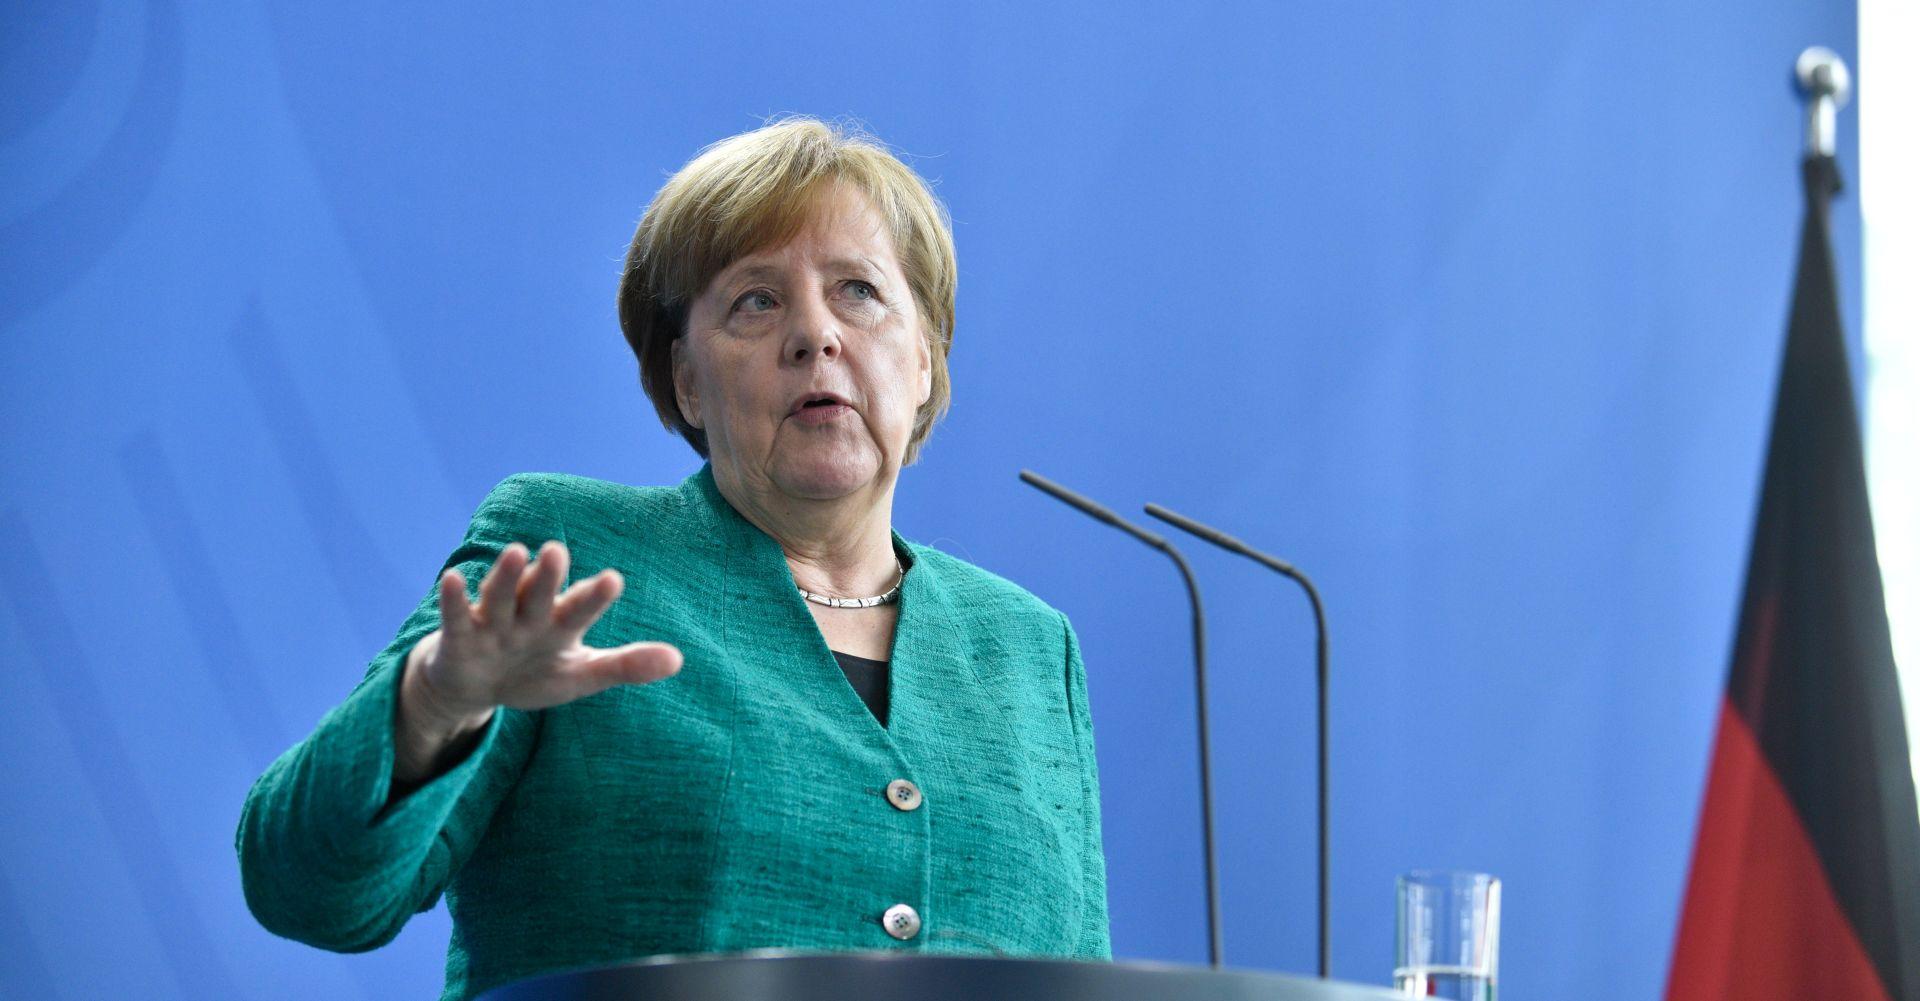 Merkel u Tbilsiju dala podršku cjelovitoj Gruziji